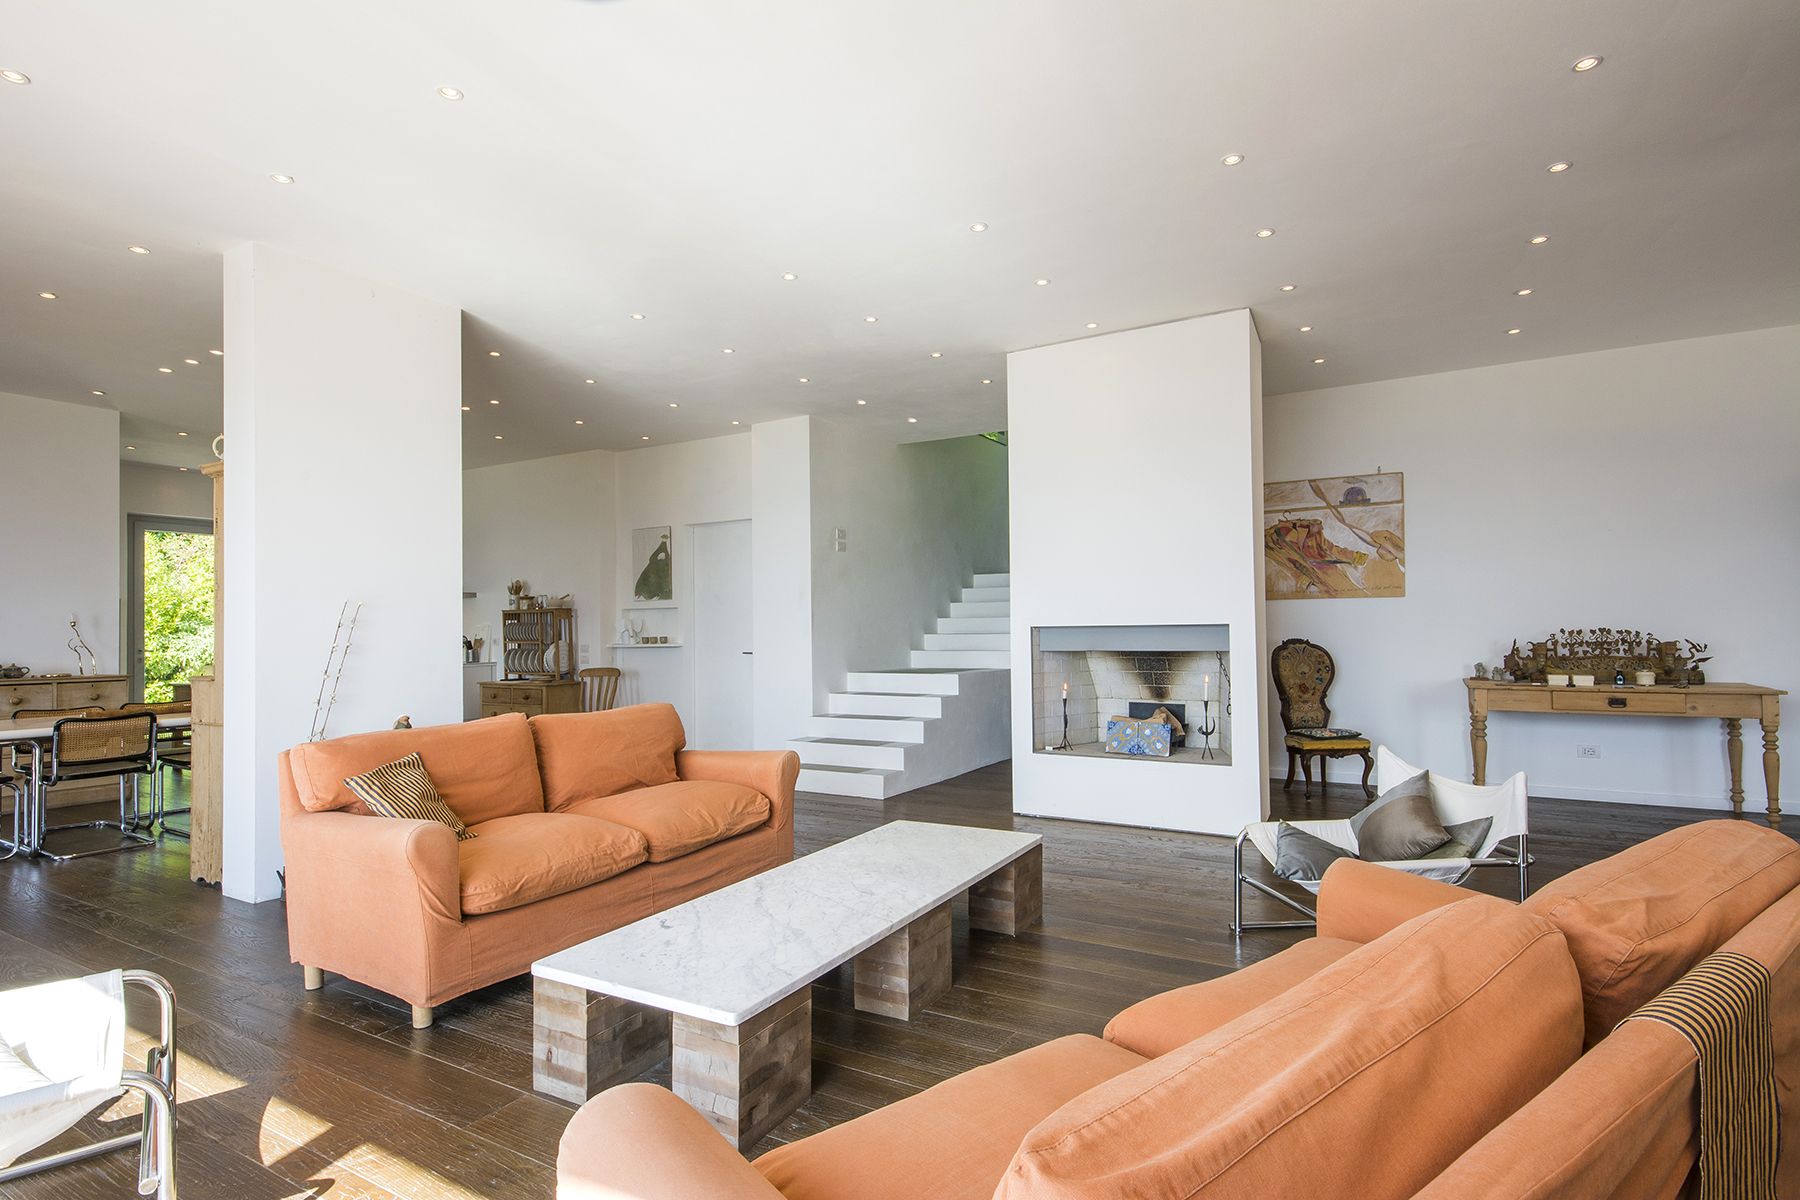 Casa indipendente in Vendita a Lisciano Niccone: 5 locali, 414 mq - Foto 17